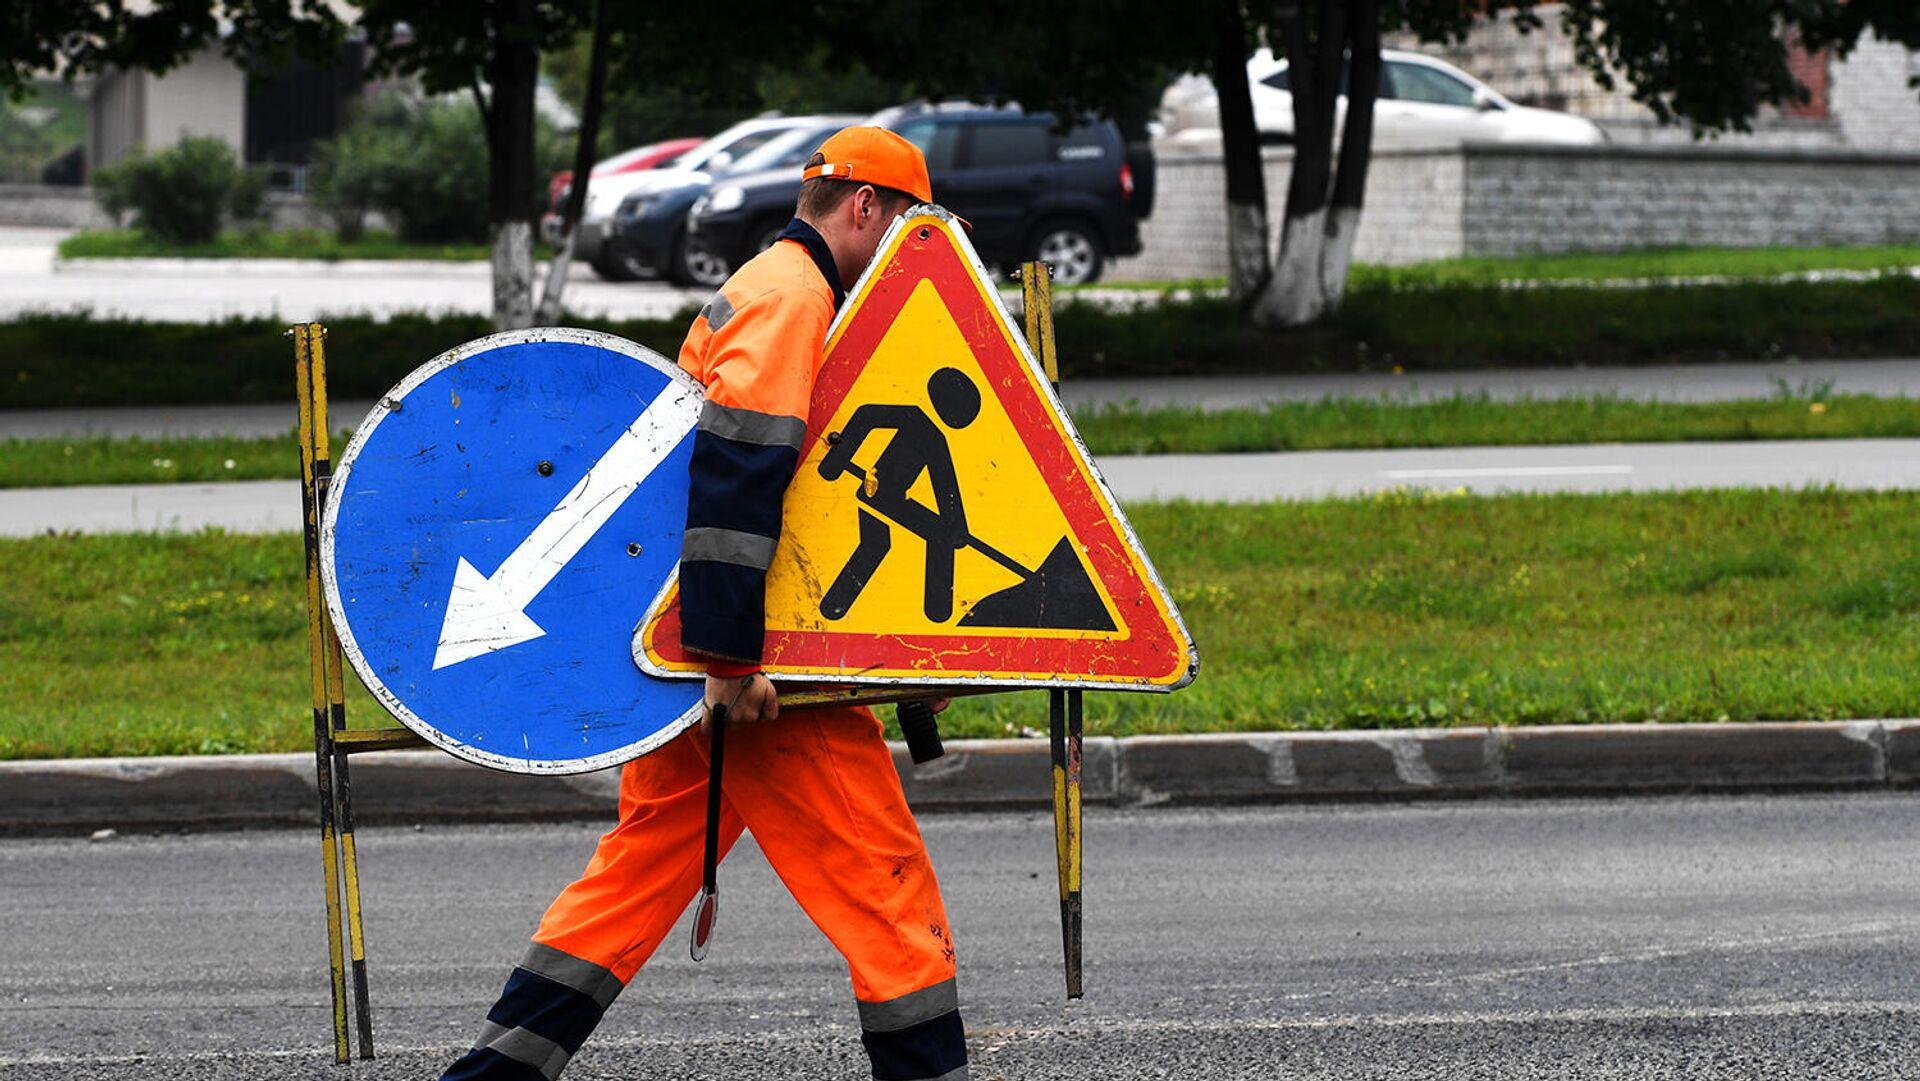 Рабочий переносит дорожные знаки во время укладки верхнего слоя дорожного покрытия - РИА Новости, 1920, 18.05.2021